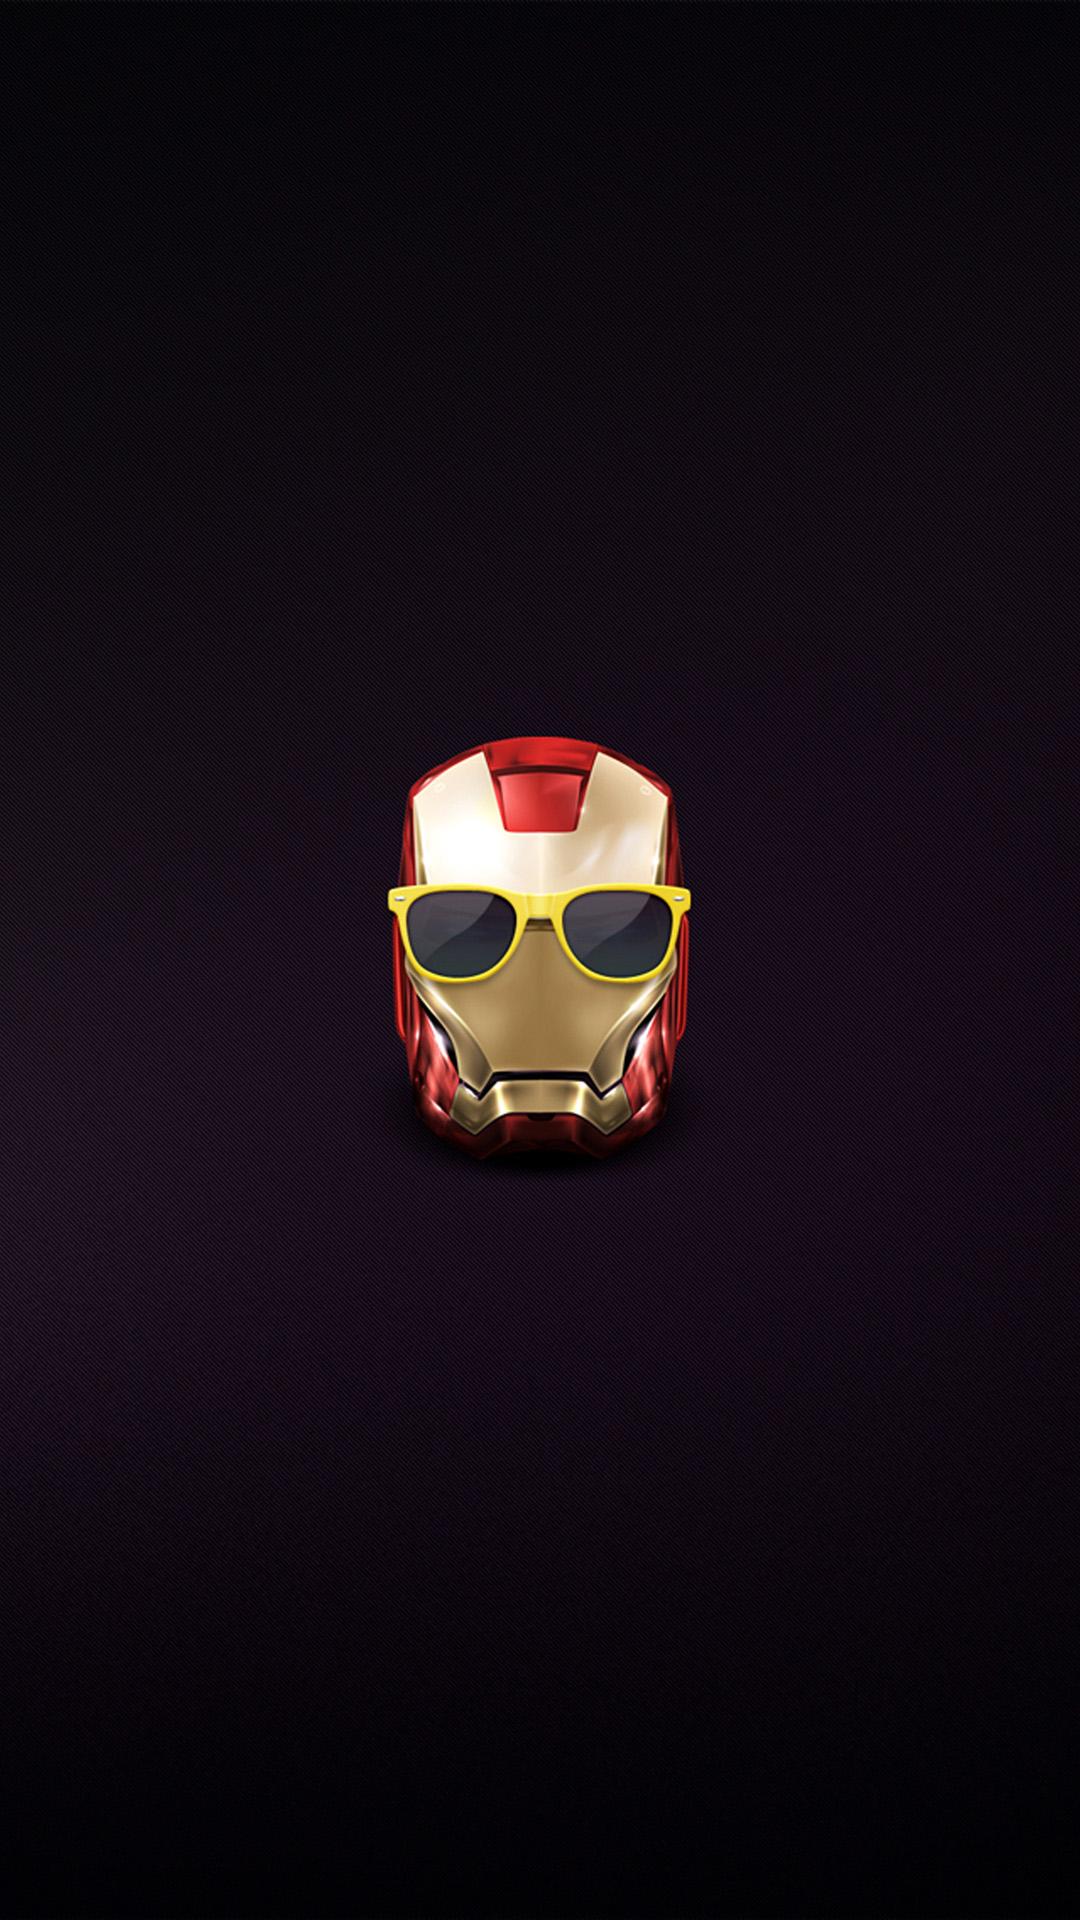 Wallpaper iphone hd keren - Iron Man Wallpaper Hd Iphone